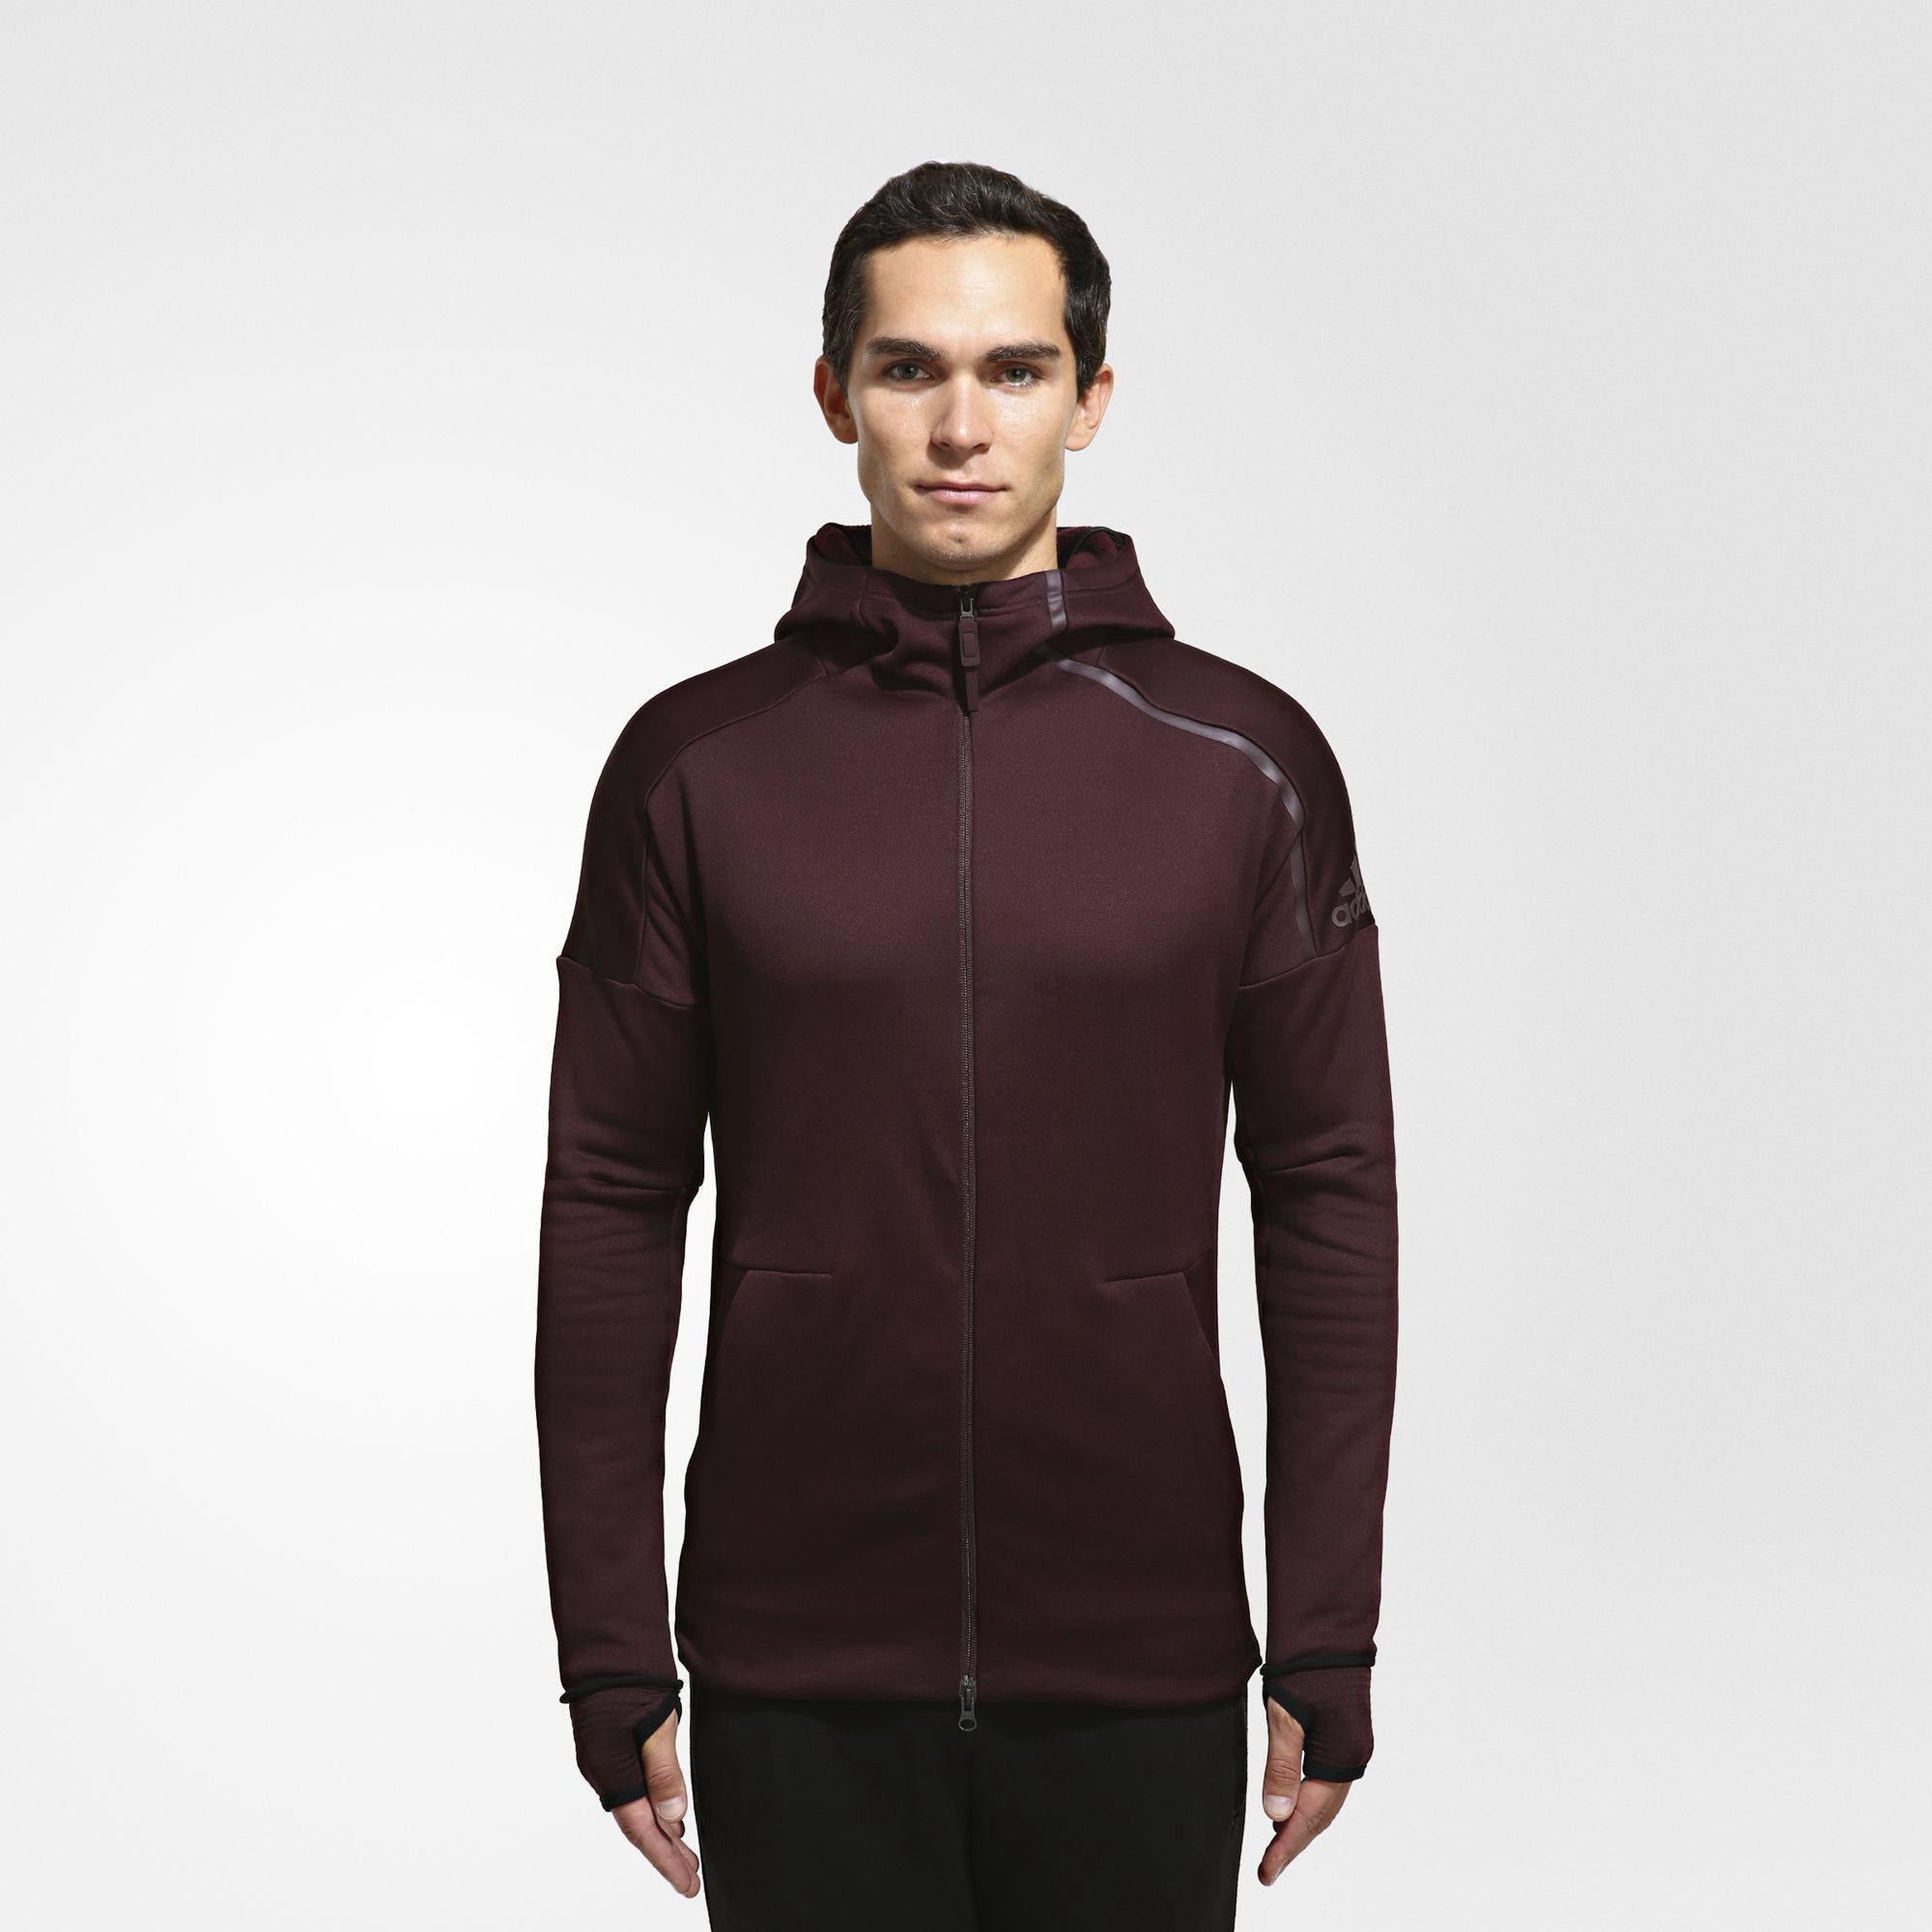 ADIDAS ORIGINALS Z.N.E. Climaheat HoodieS. #adidasoriginals #cloth #